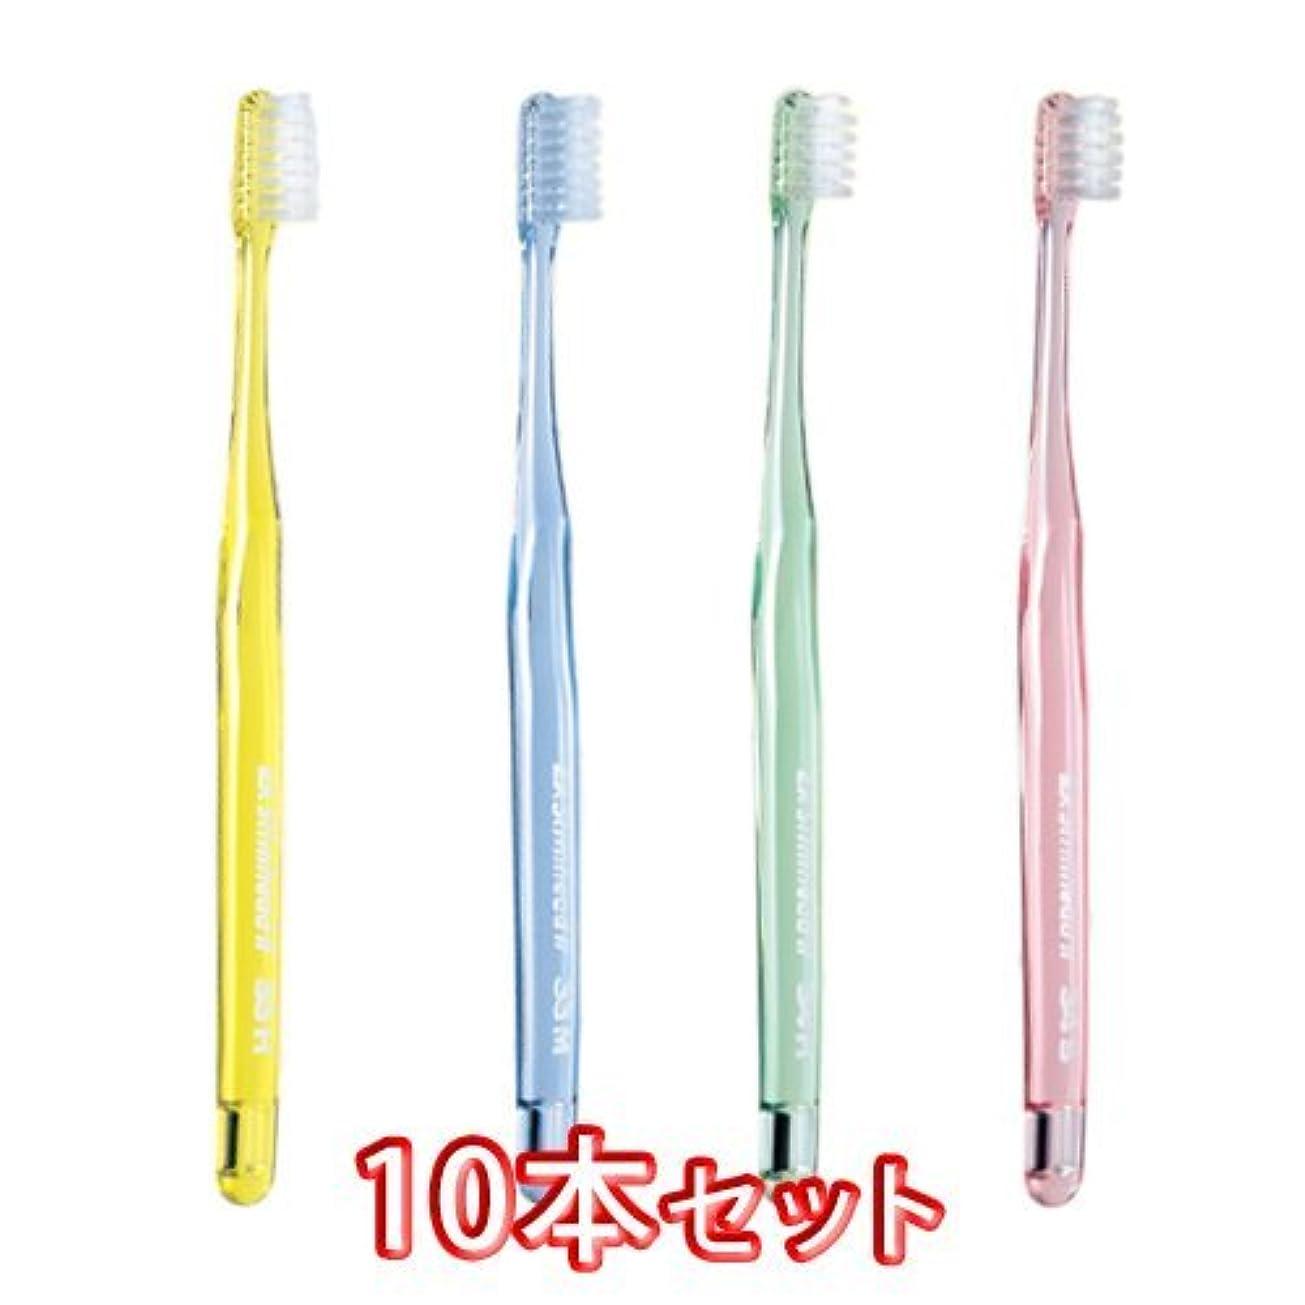 集中的な粘着性絶対のライオン スリムヘッド2 歯ブラシ 10本セット (33M)